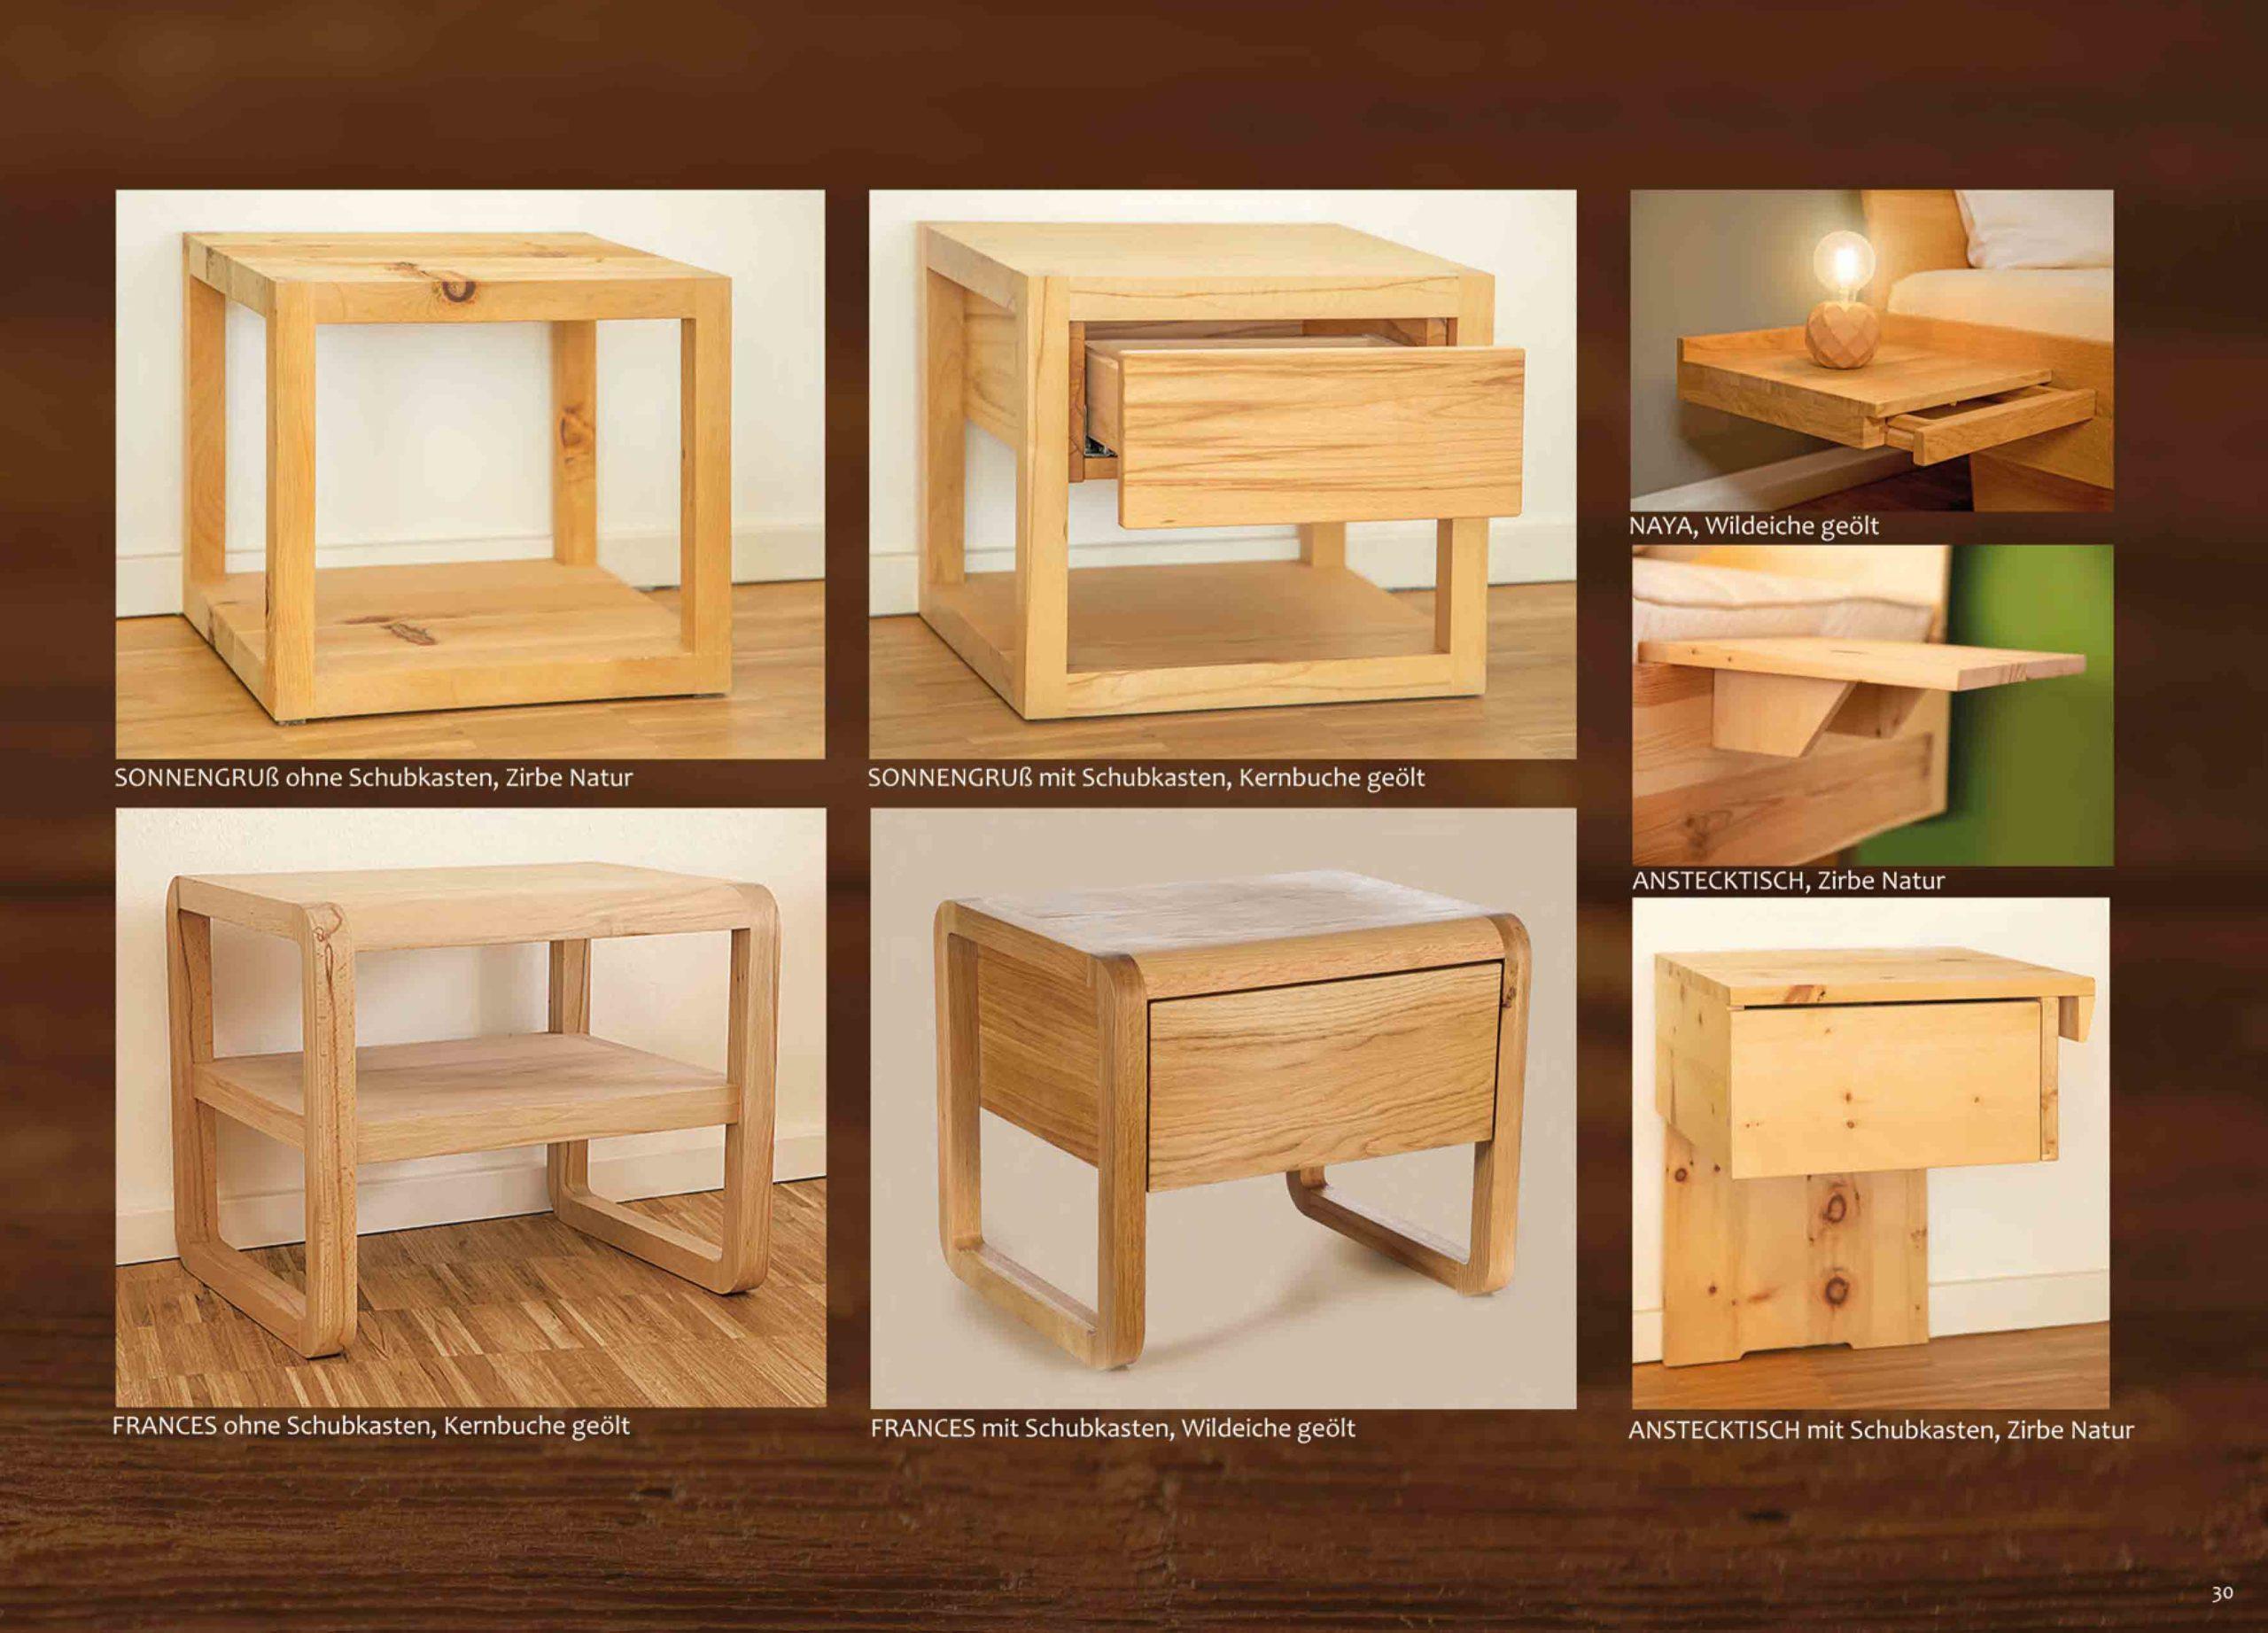 Hochwertige Massivholz Nachttische für jedes Bett